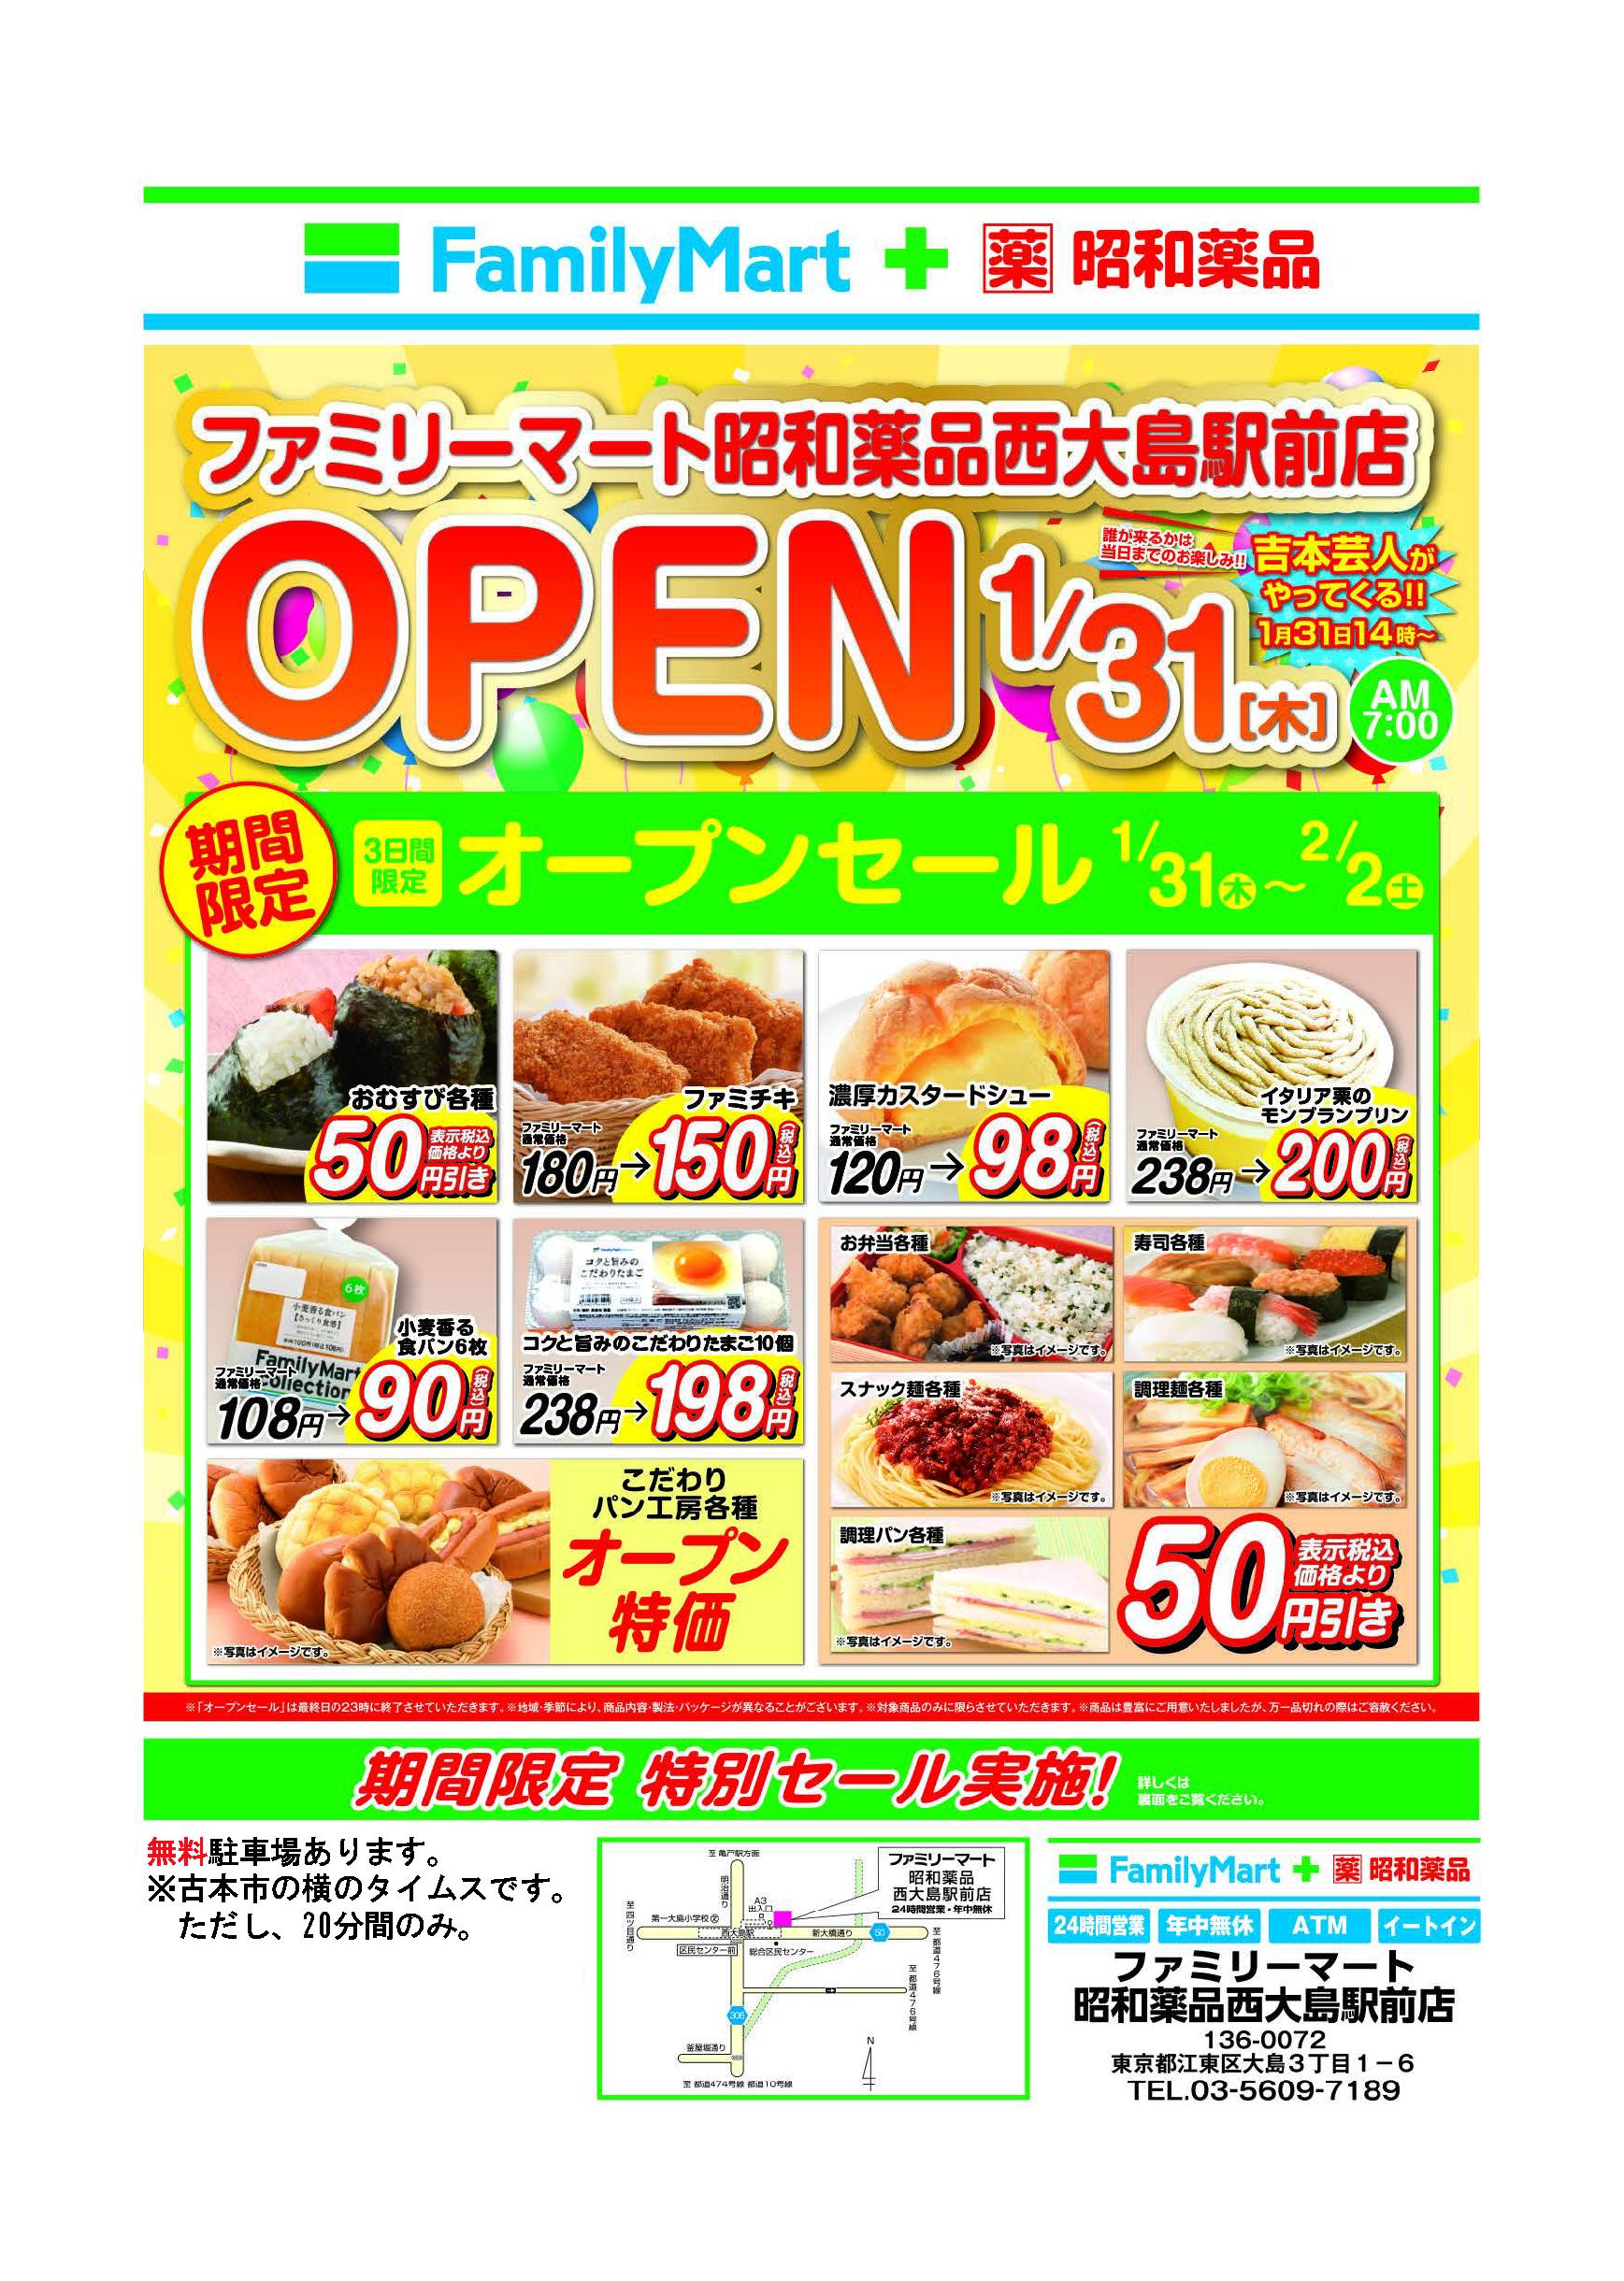 ★ファミリーマート昭和薬品オープン★